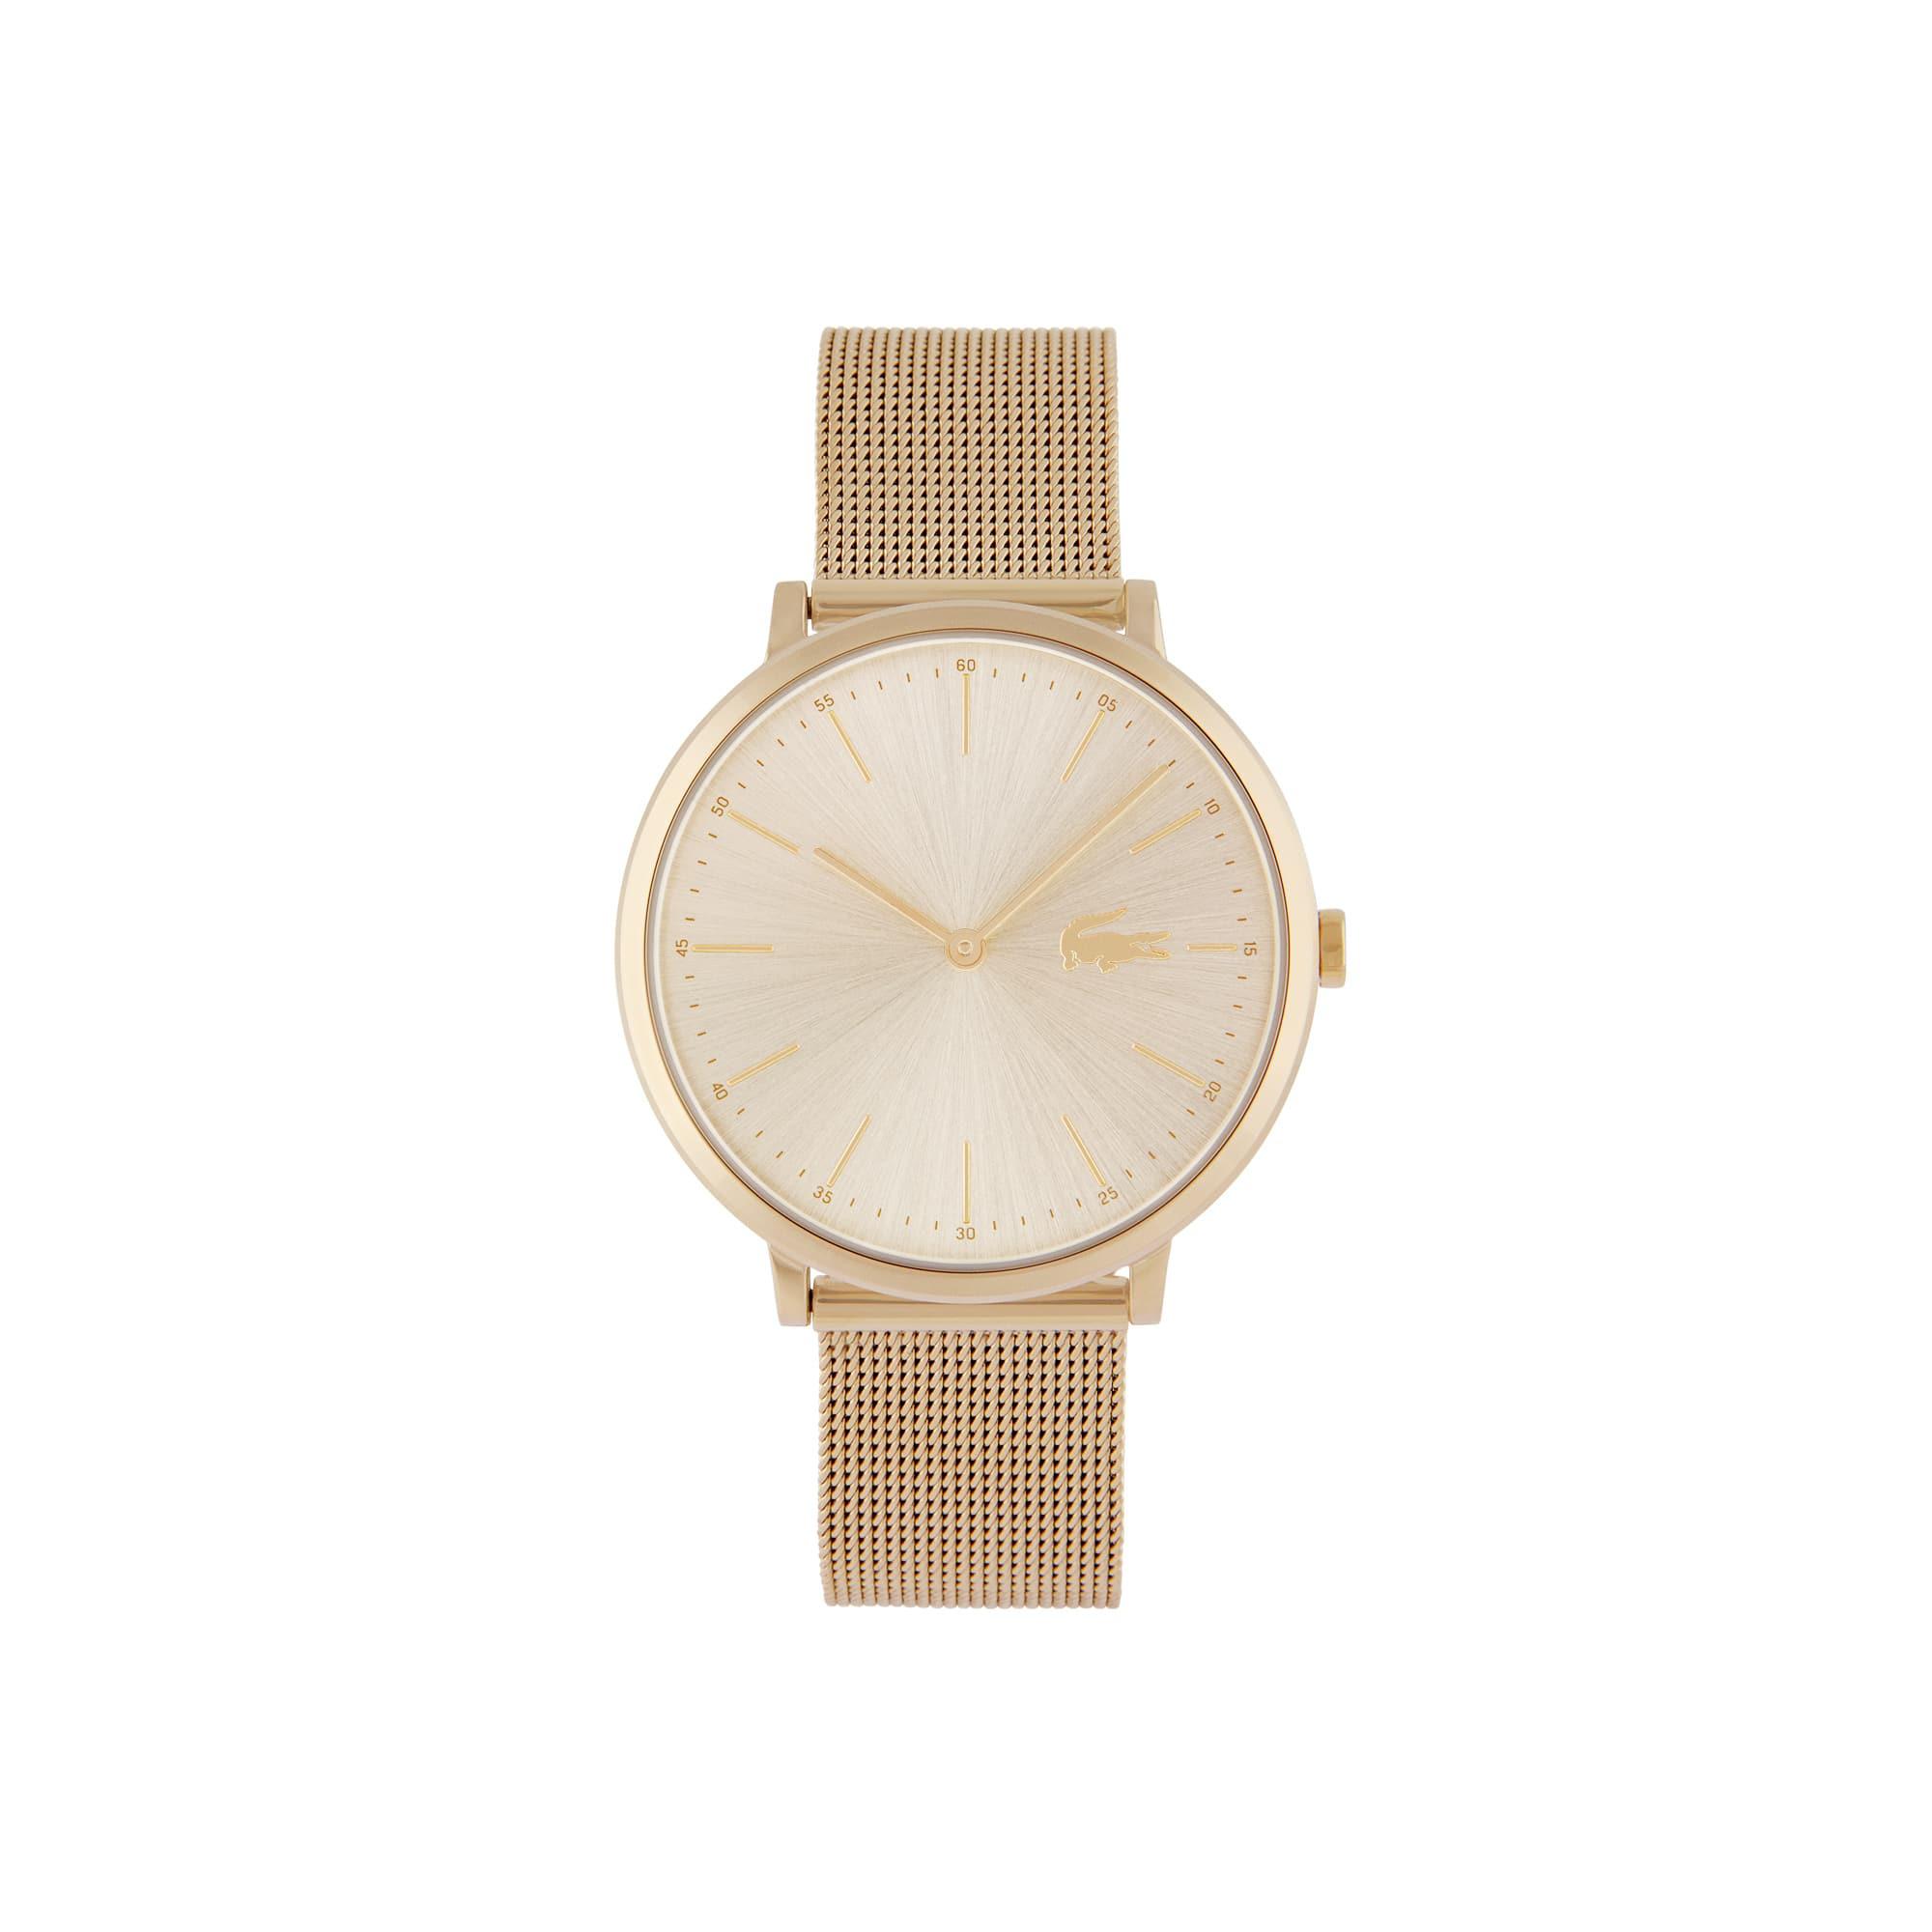 d3e9a8c14d Montre Femme Moon avec Bracelet Maille Milanaise Plaquage doré